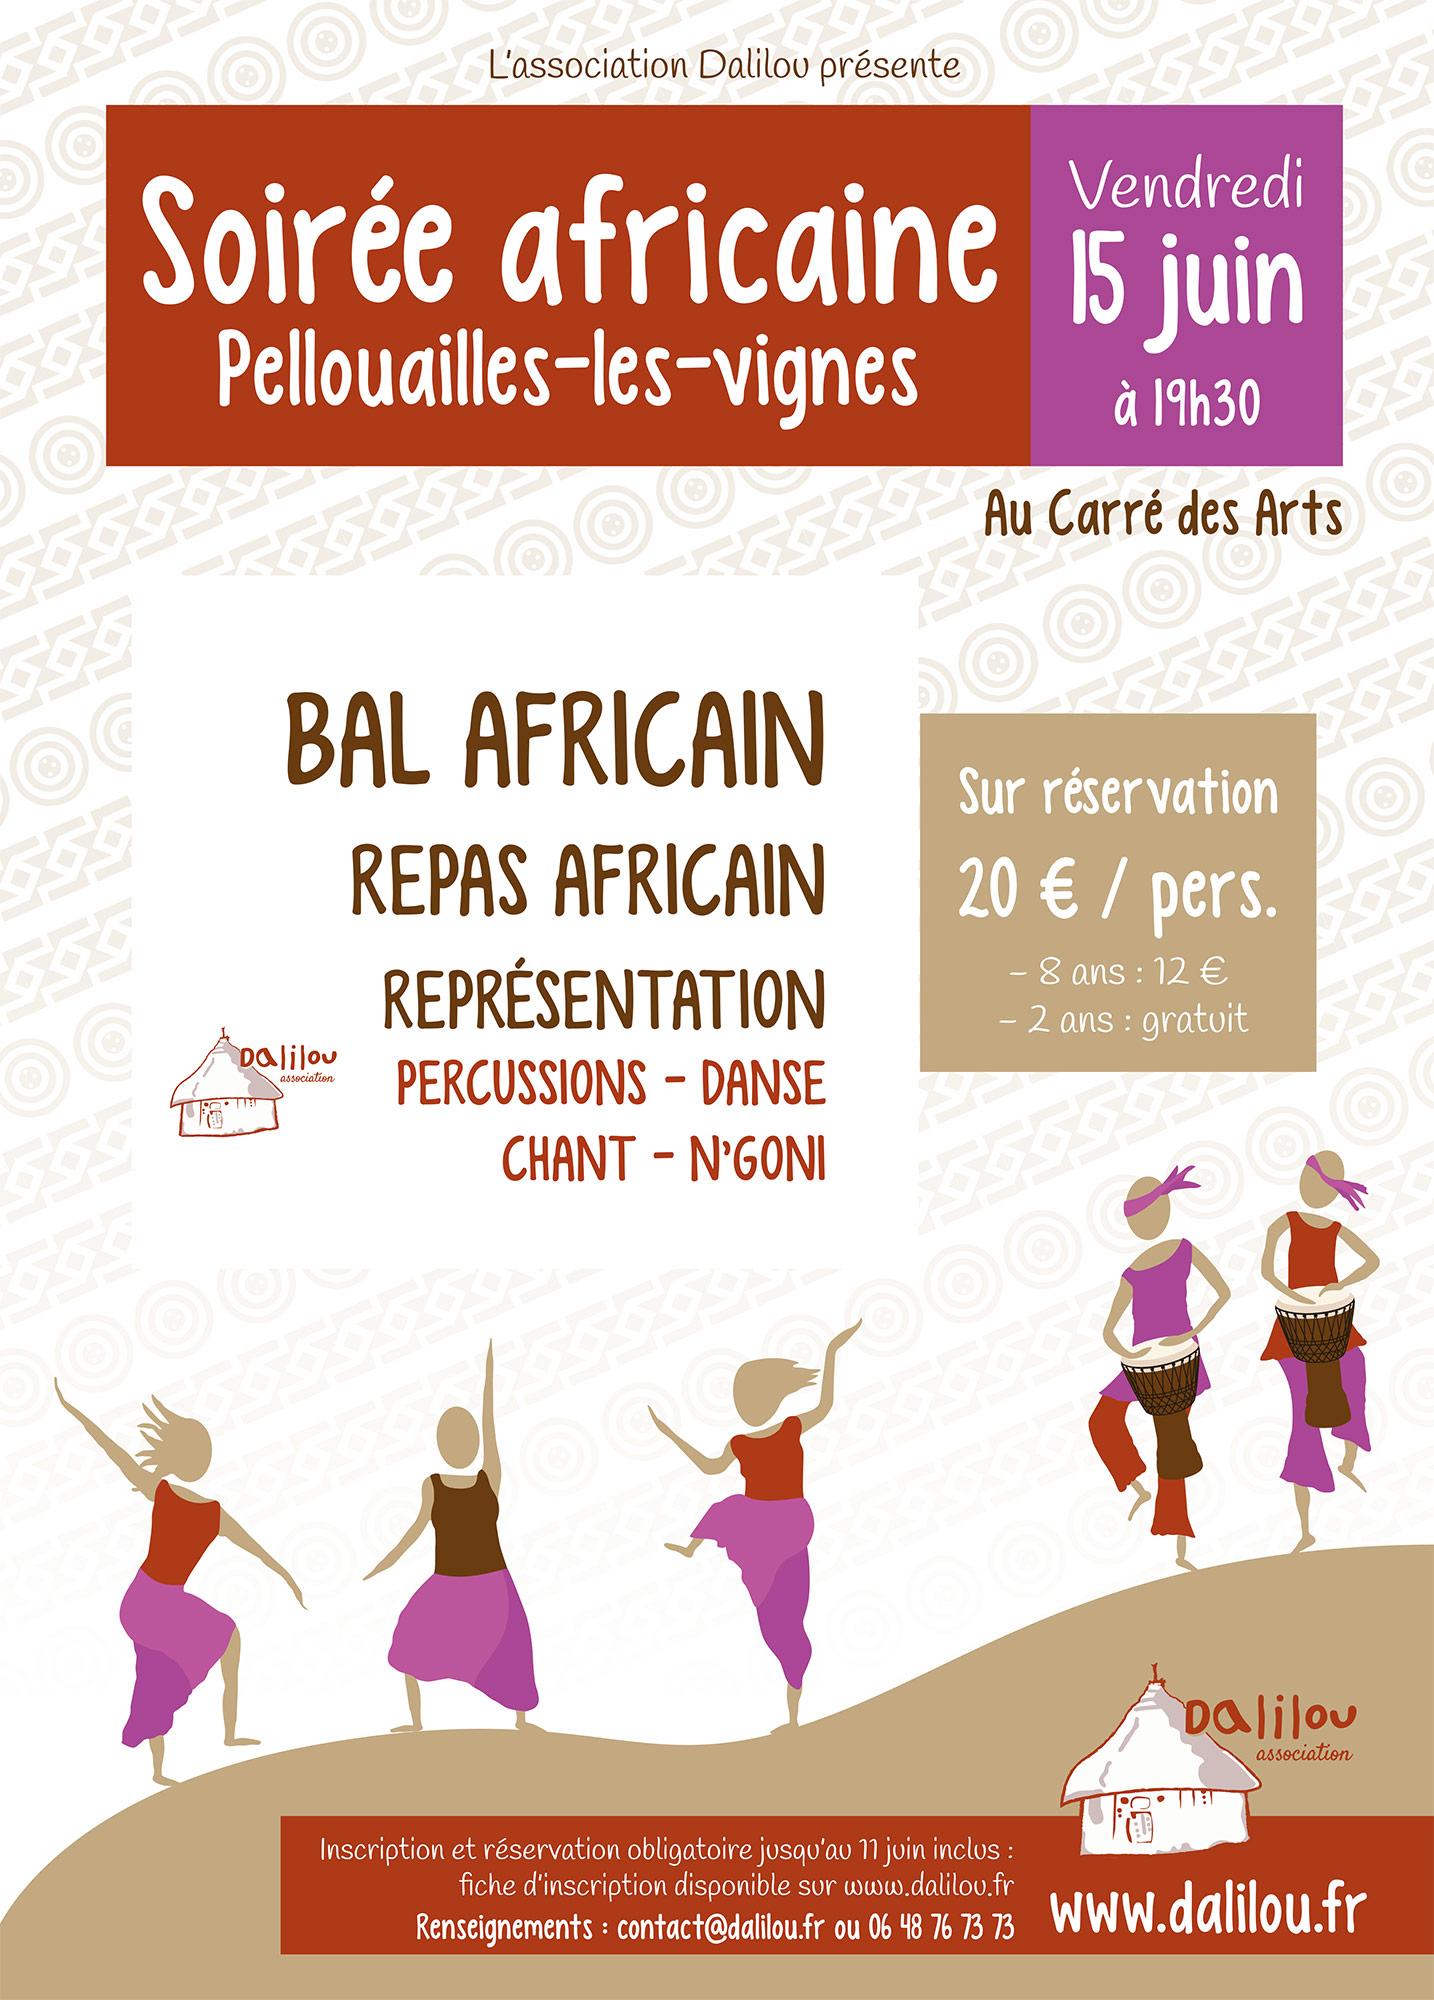 soir e africaine angers percussions danse chant n 39 goni afrique de l 39 ouest. Black Bedroom Furniture Sets. Home Design Ideas